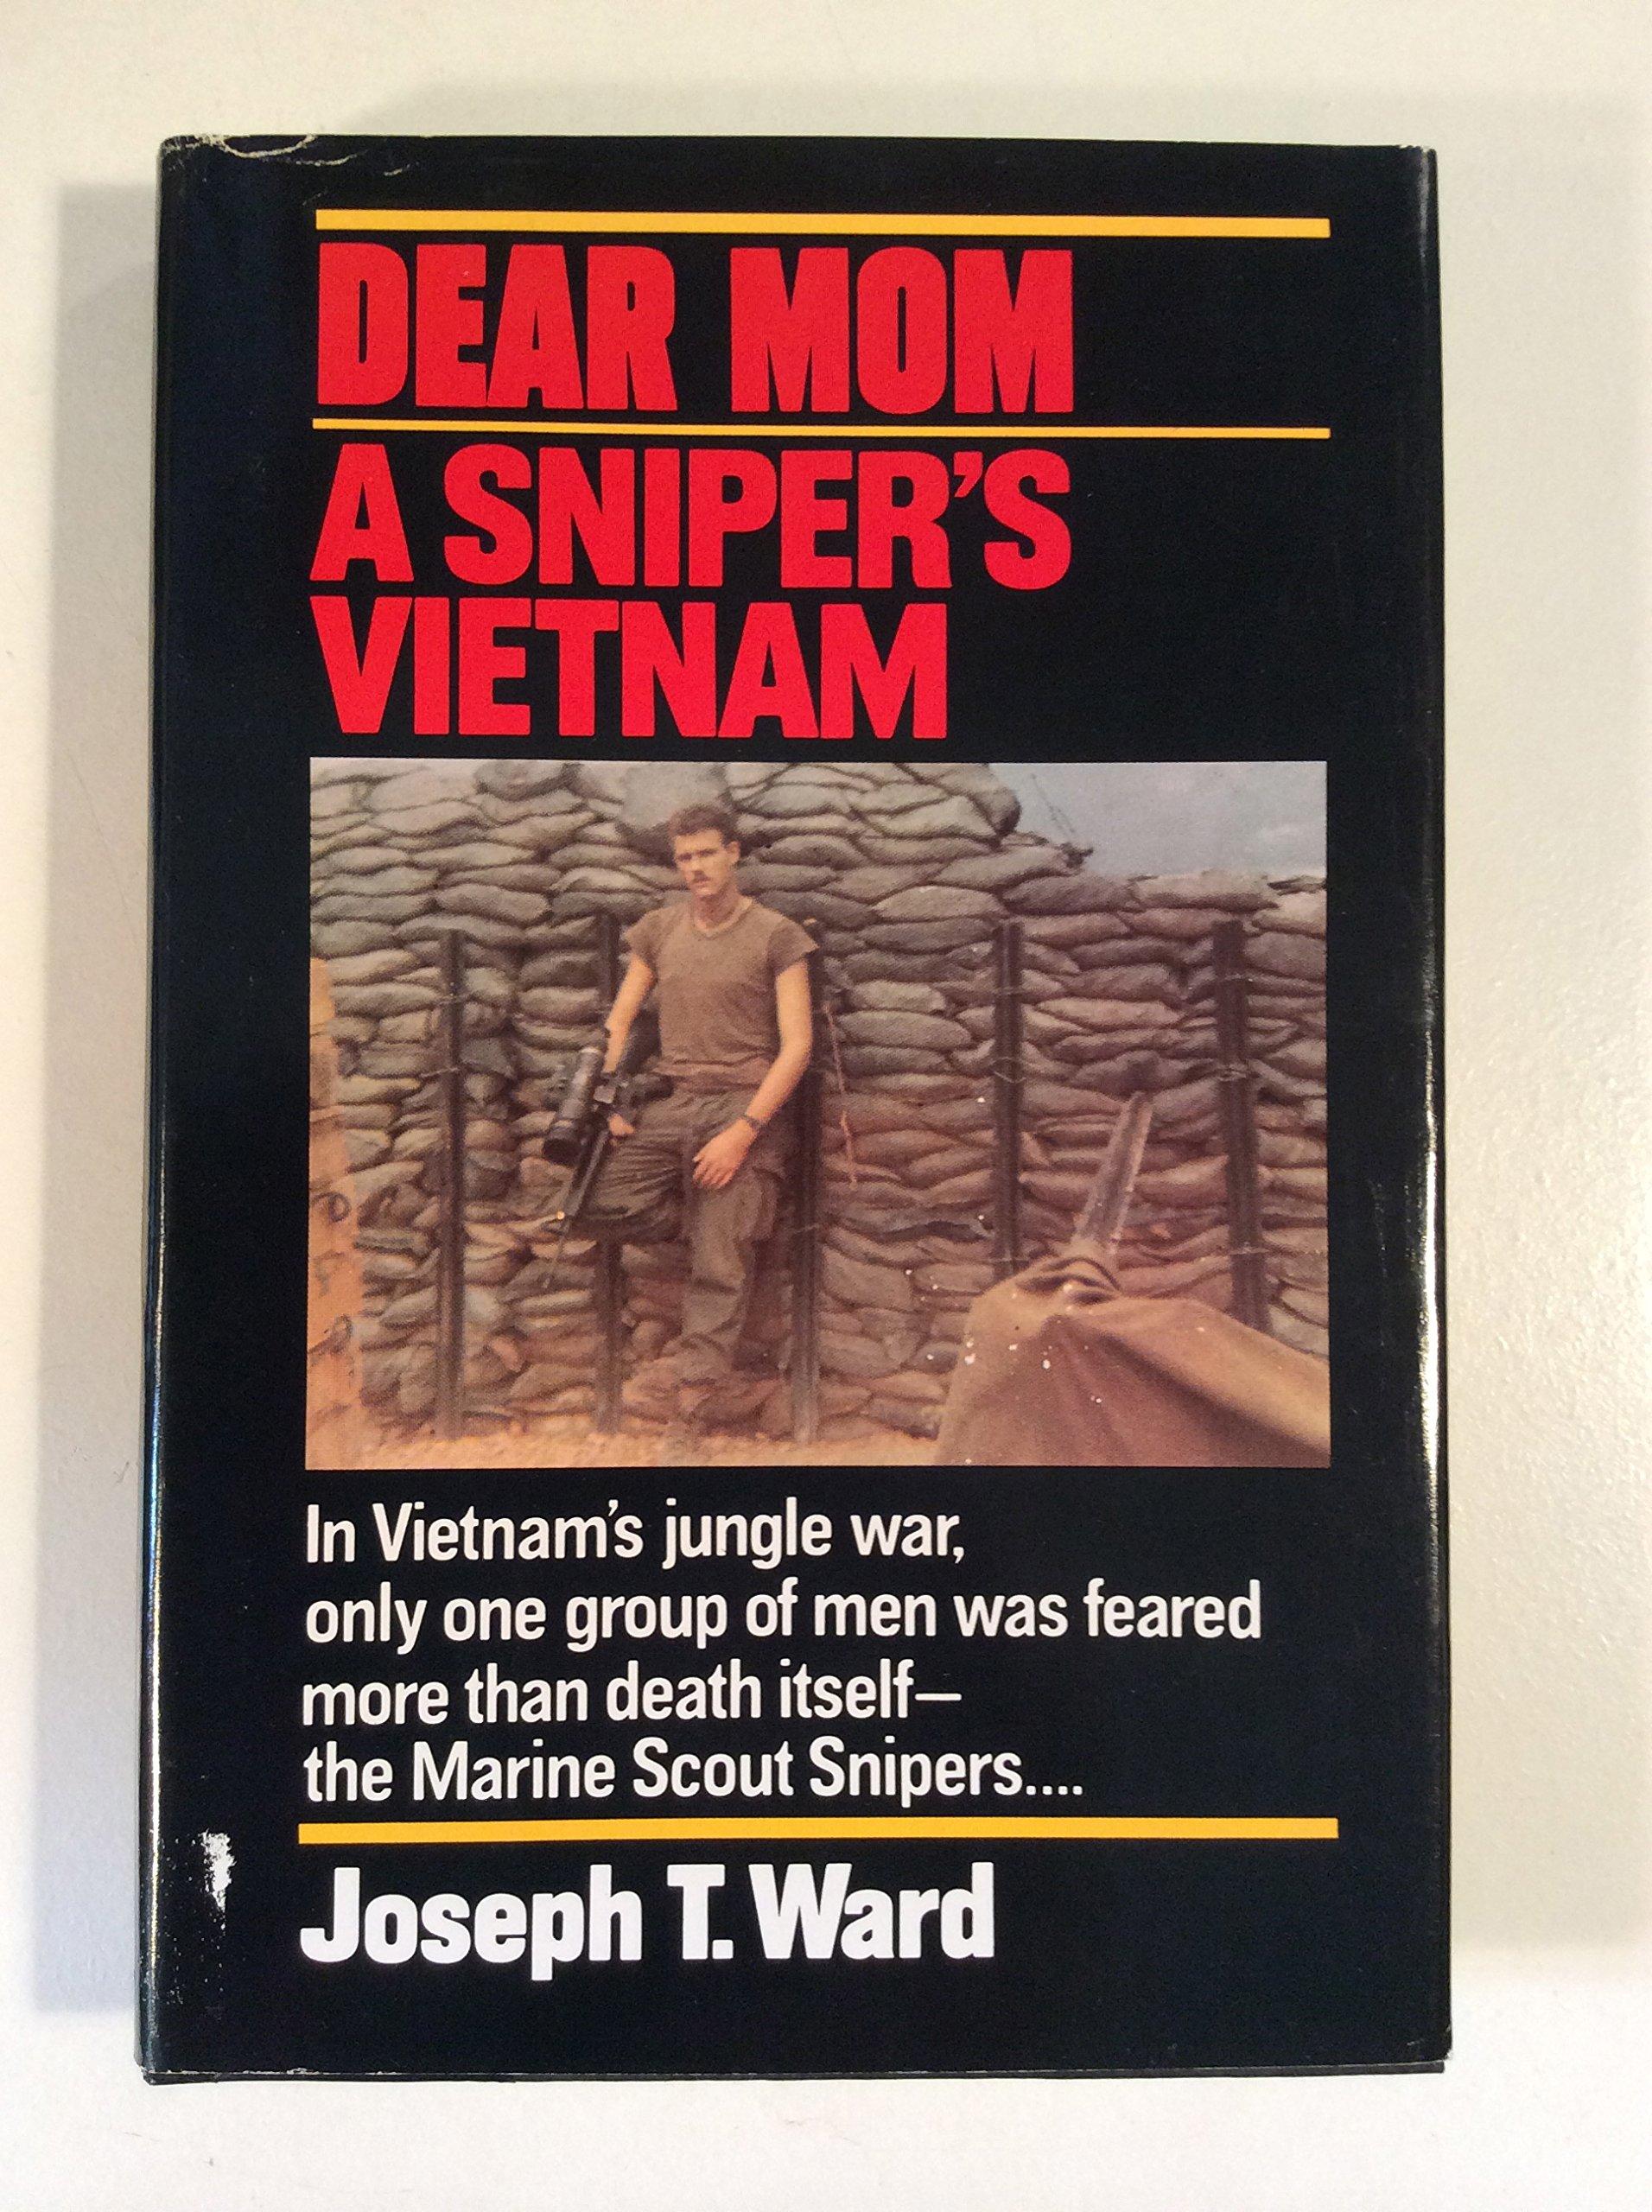 Dear Mom: A Snipers Vietnam